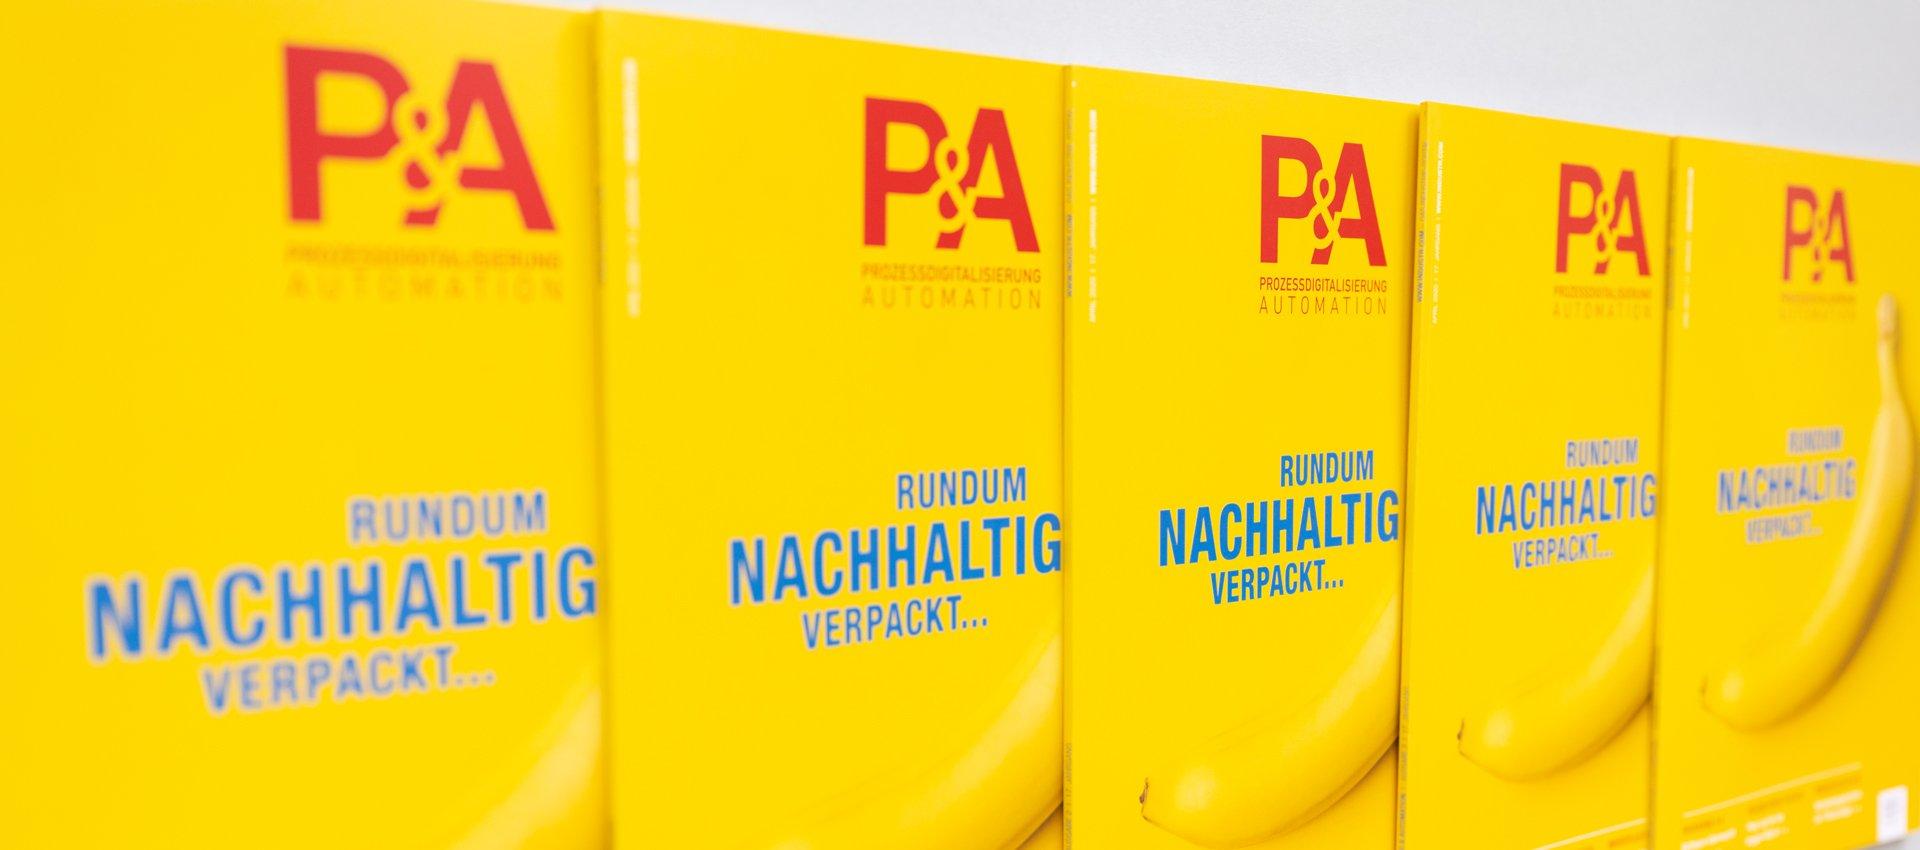 P&A Magazin